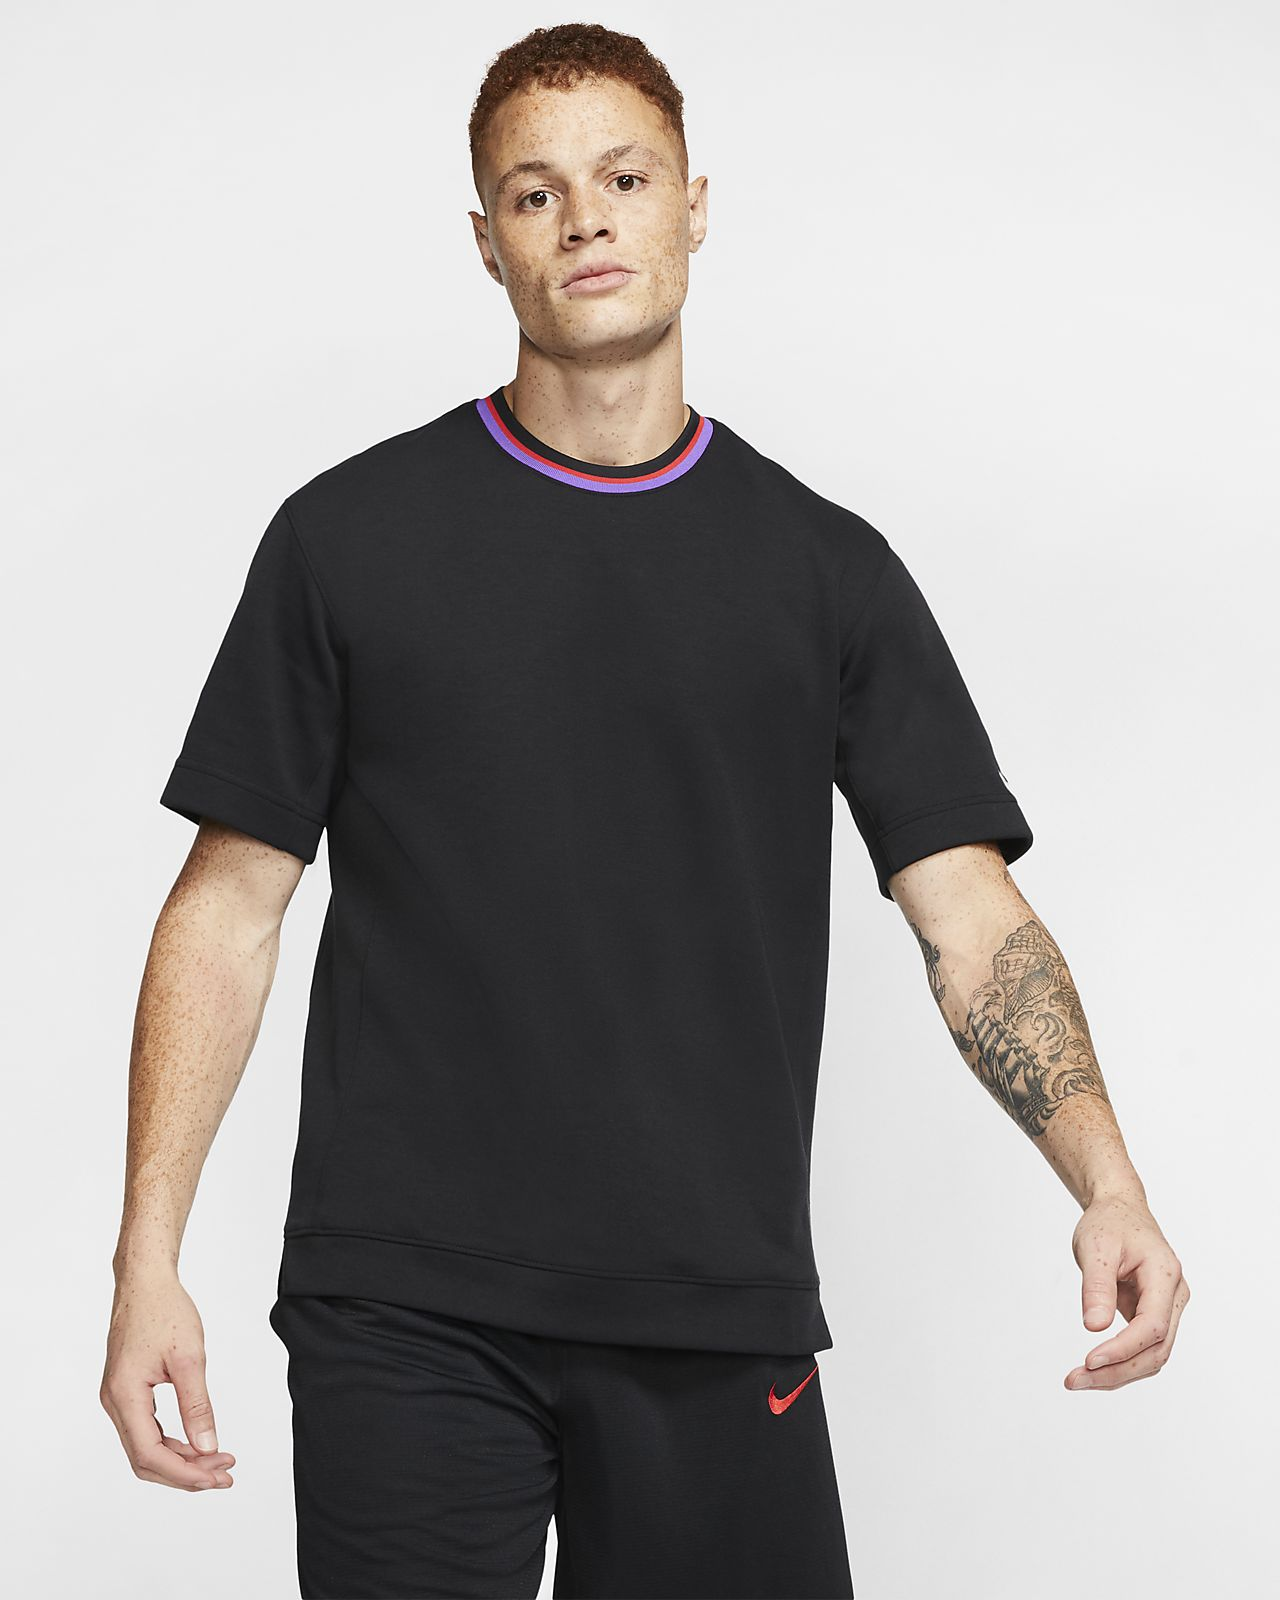 Nike Dri-FIT-basketballoverdel med korte ærmer til mænd